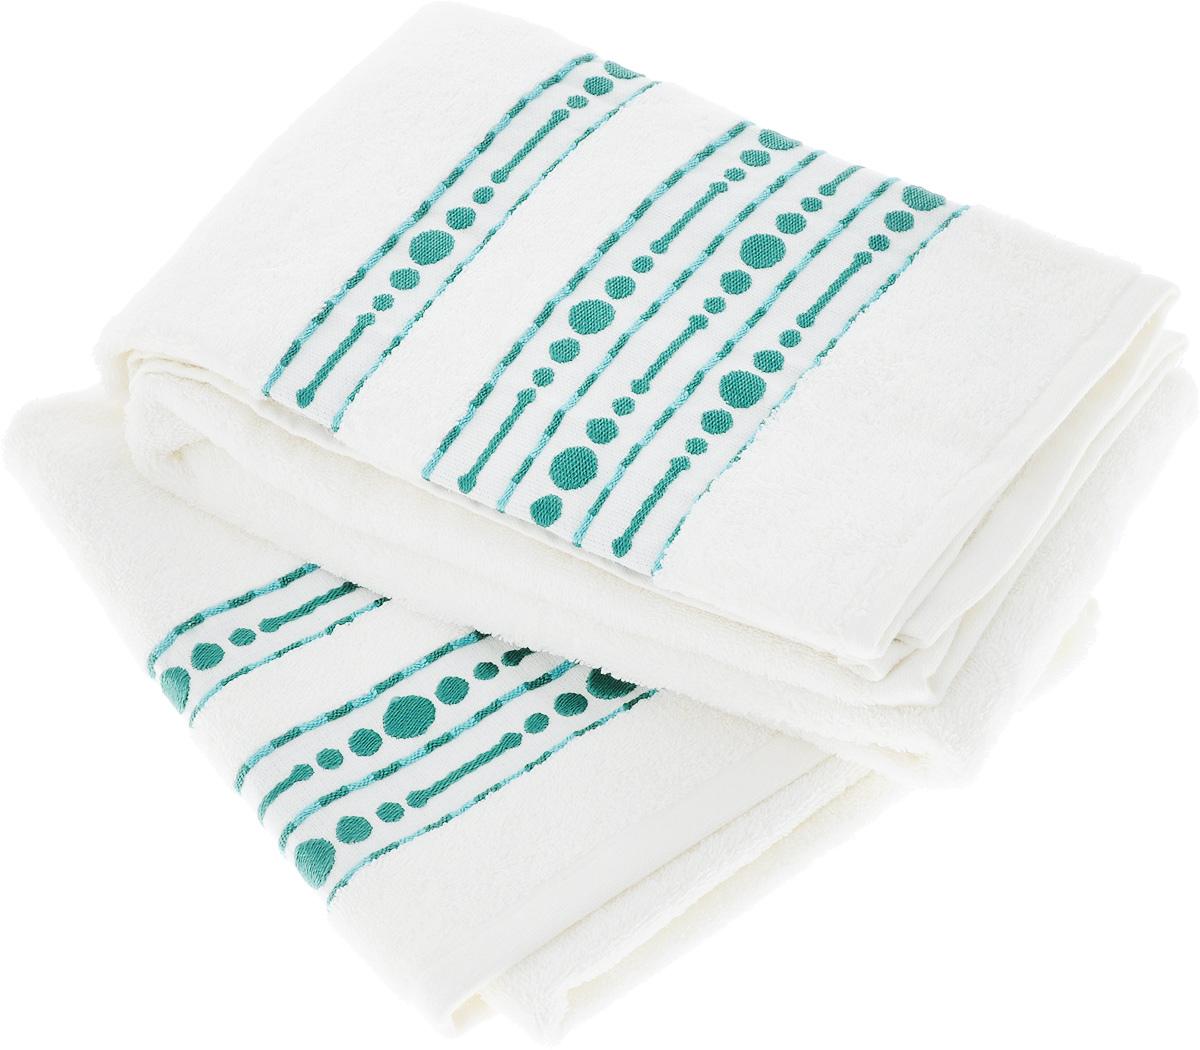 Набор махровых полотенец Toalla Волна, цвет: белый, 2 шт92717441Набор Toalla Волна состоит из 2 прямоугольных махровых полотенец, выполненных из 100% хлопка. Ткань полотенец обладает высокой плотностью и мягкостью, отличается высоким качеством и длительным сроком службы. В процессе эксплуатации материал становится только мягче и приятней на ощупь. Египетский хлопок не содержит линта (хлопковый пух), поэтому на ткани не образуются катышки даже после многократных стирок и длительного использования. Сверхдлинные волокна придают ткани характерный красивый блеск. Полотенца отлично впитывают влагу и быстро сохнут. Такой набор красиво дополнит интерьер ванной комнаты и станет практичным приобретением. Полотенца оформлены изящным вышитым бордюром.